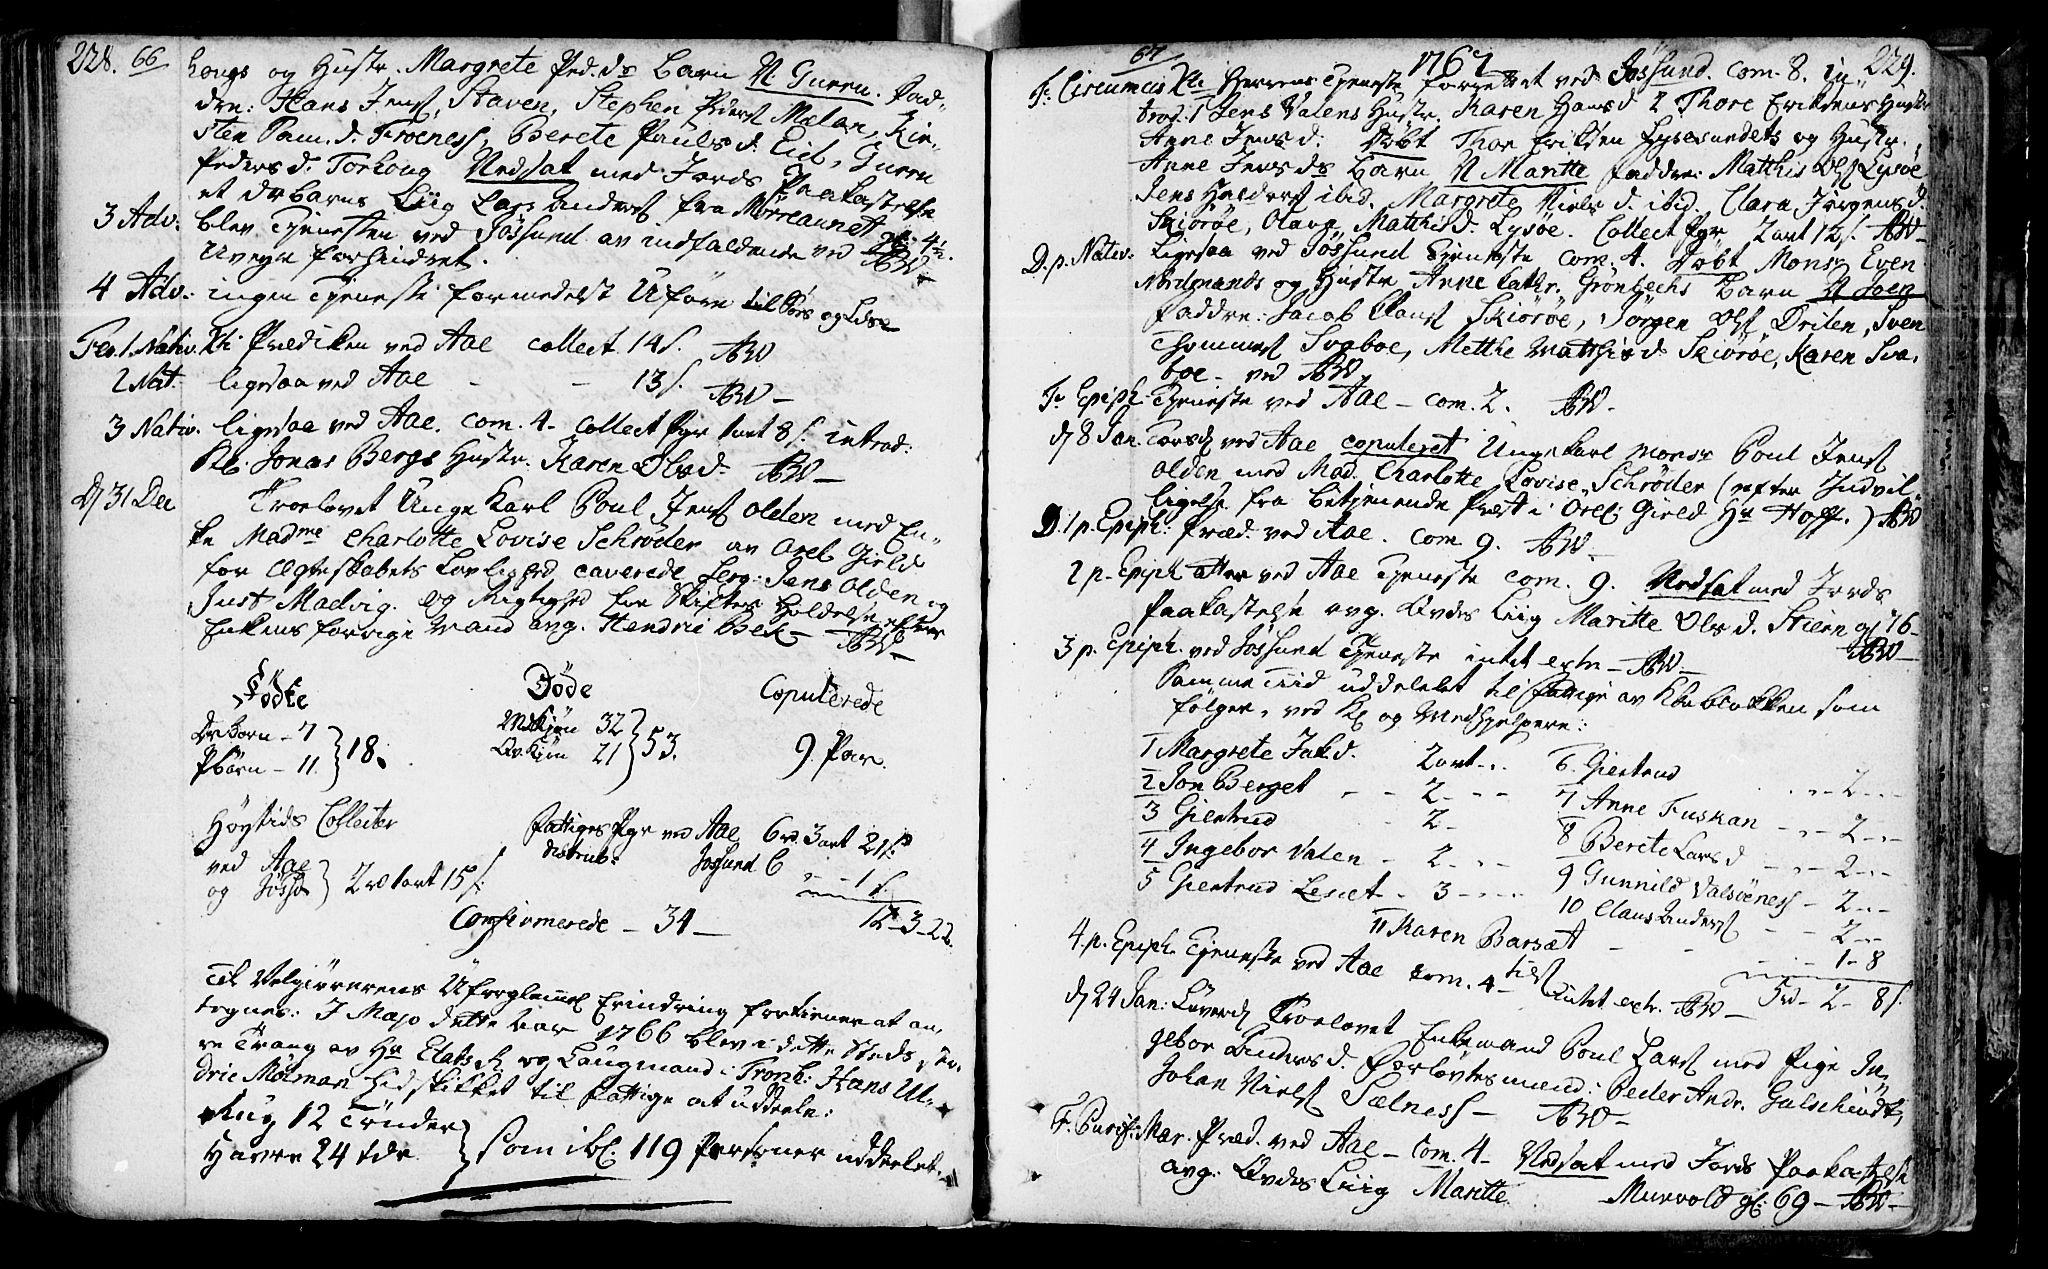 SAT, Ministerialprotokoller, klokkerbøker og fødselsregistre - Sør-Trøndelag, 655/L0672: Ministerialbok nr. 655A01, 1750-1779, s. 228-229